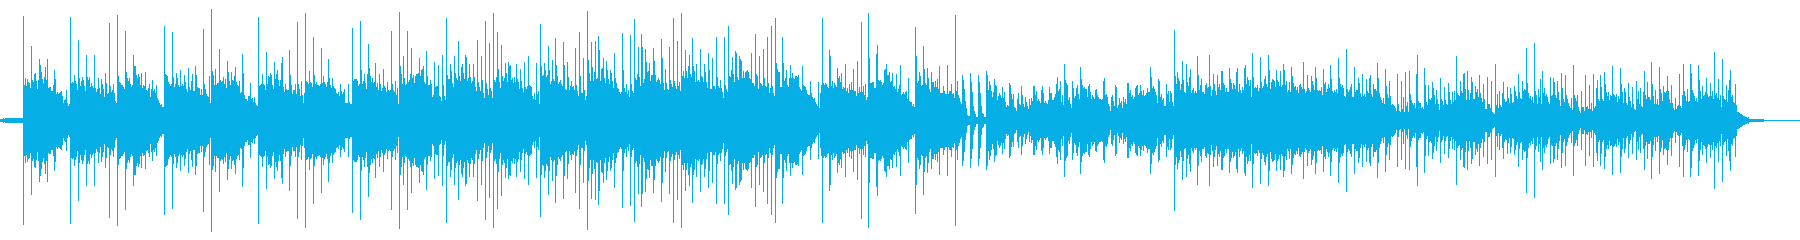 ピアノNewAge & Ambientの再生済みの波形